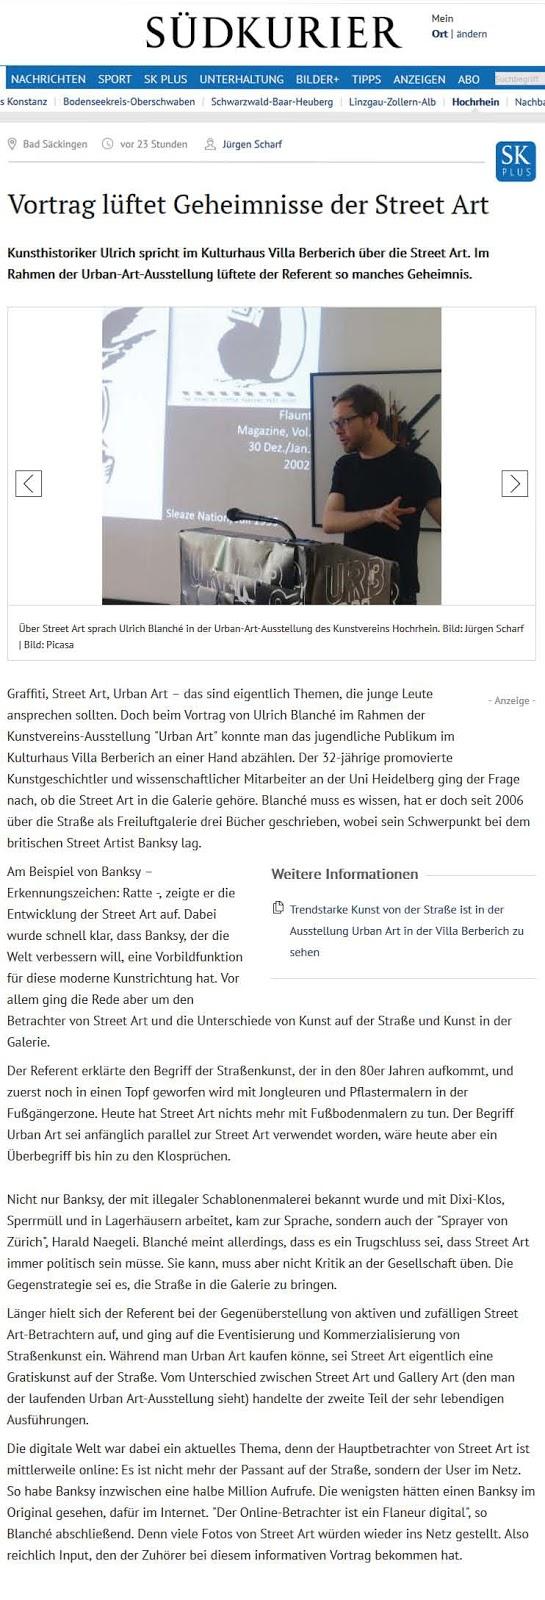 http://www.suedkurier.de/region/hochrhein/bad-saeckingen/Vortrag-lueftet-Geheimnisse-der-Street-Art;art372588,8790722